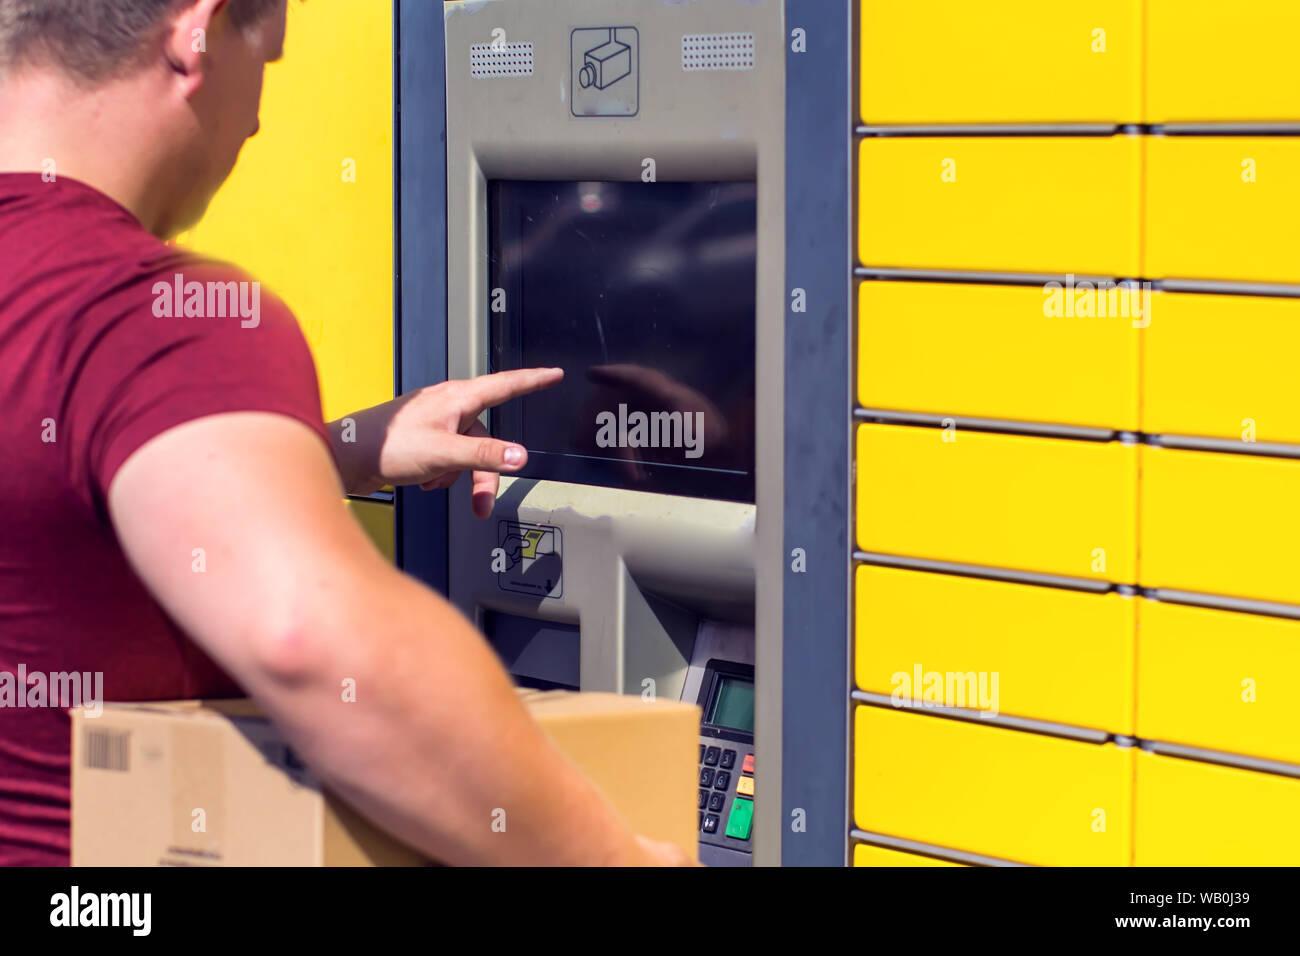 Automat Stock Photos & Automat Stock Images - Alamy